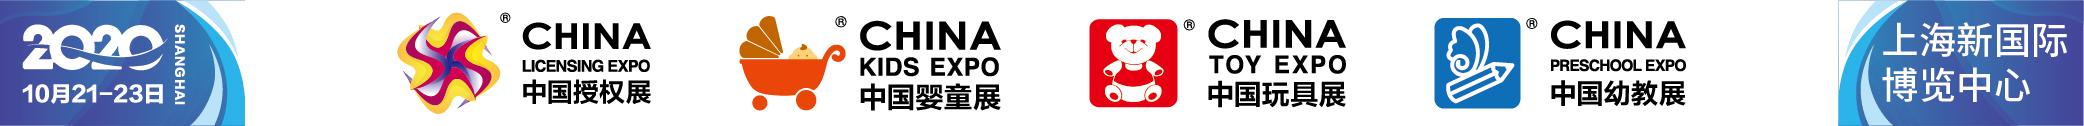 2020中国玩具展|中国龙8展